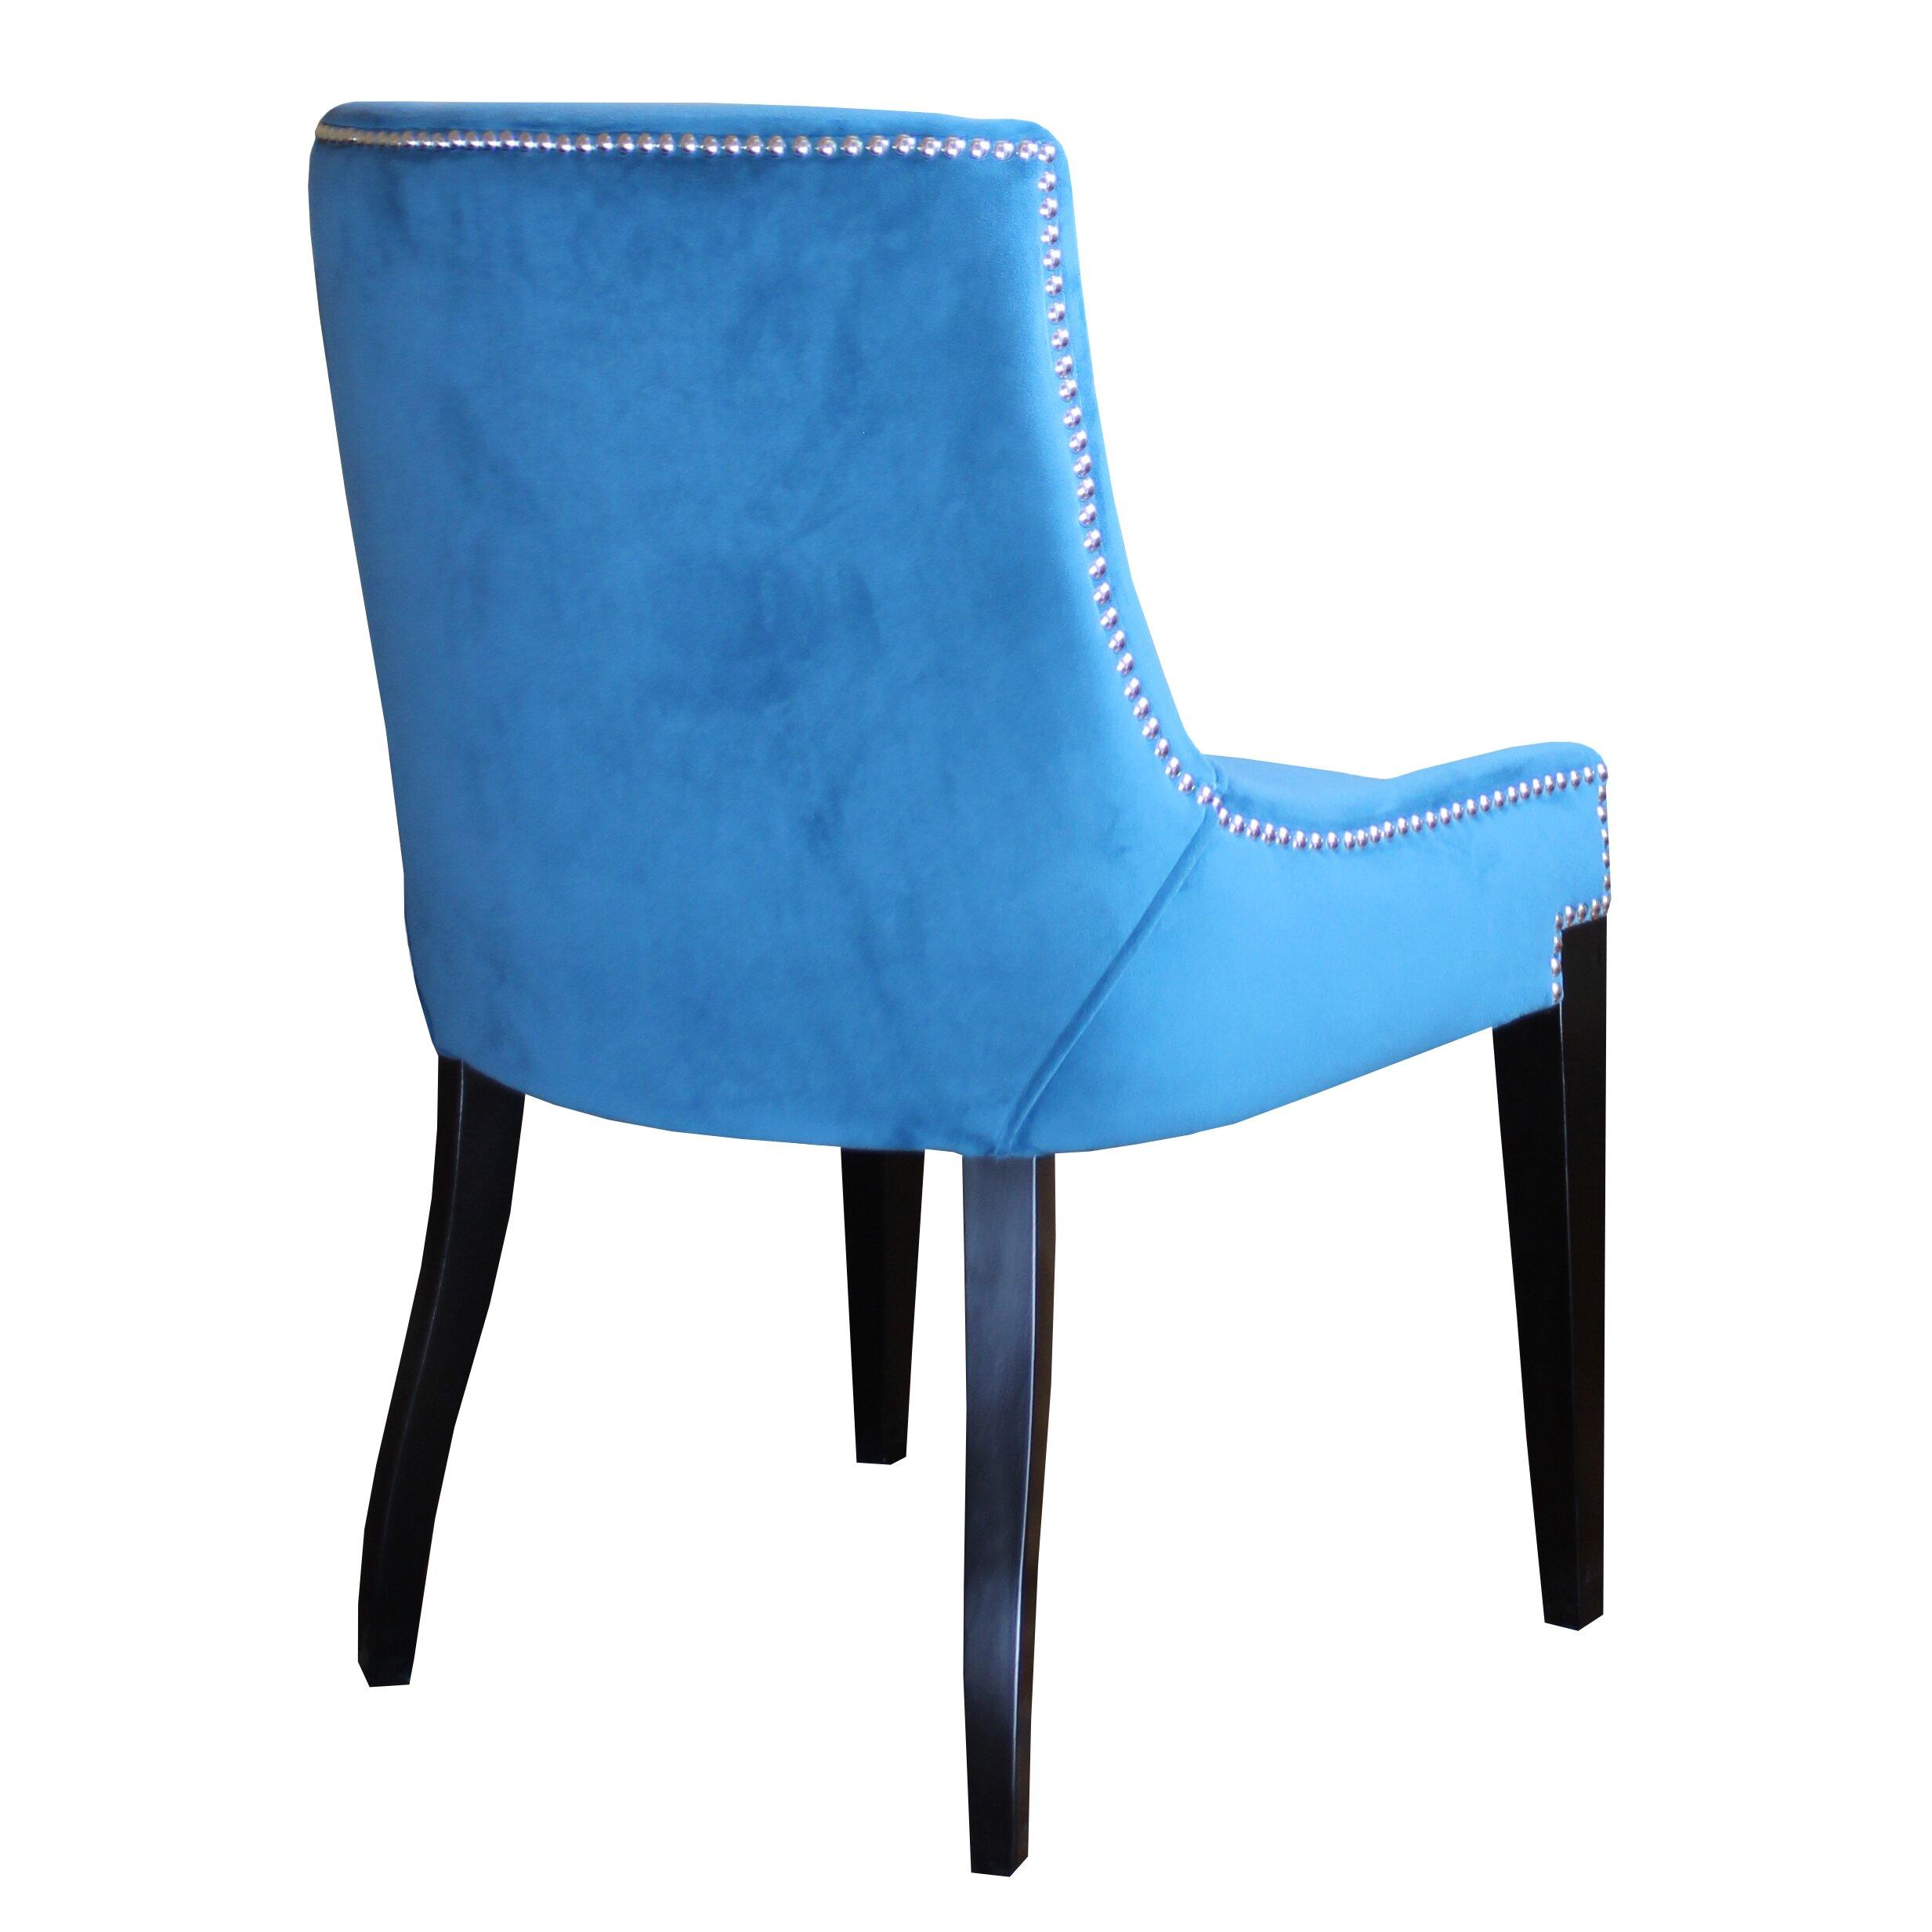 Giselle Castalina Side Chair Wayfair